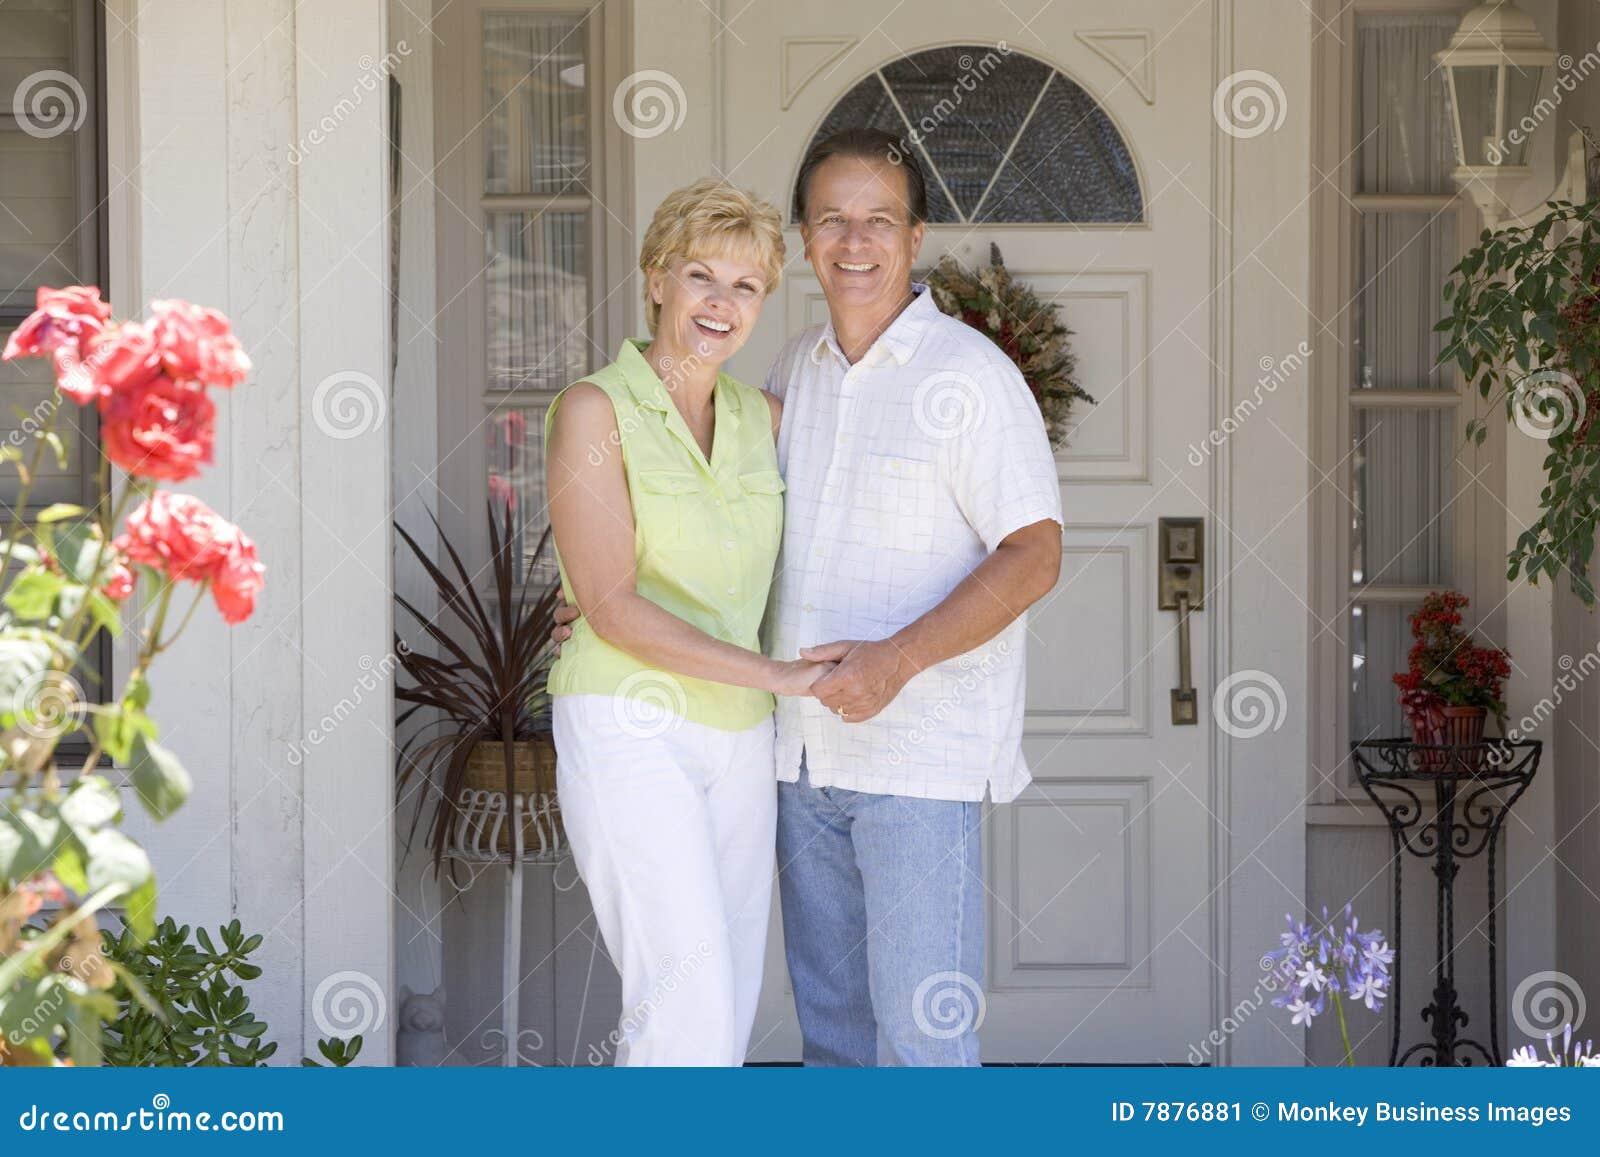 Фото семейной пары дома 4 фотография